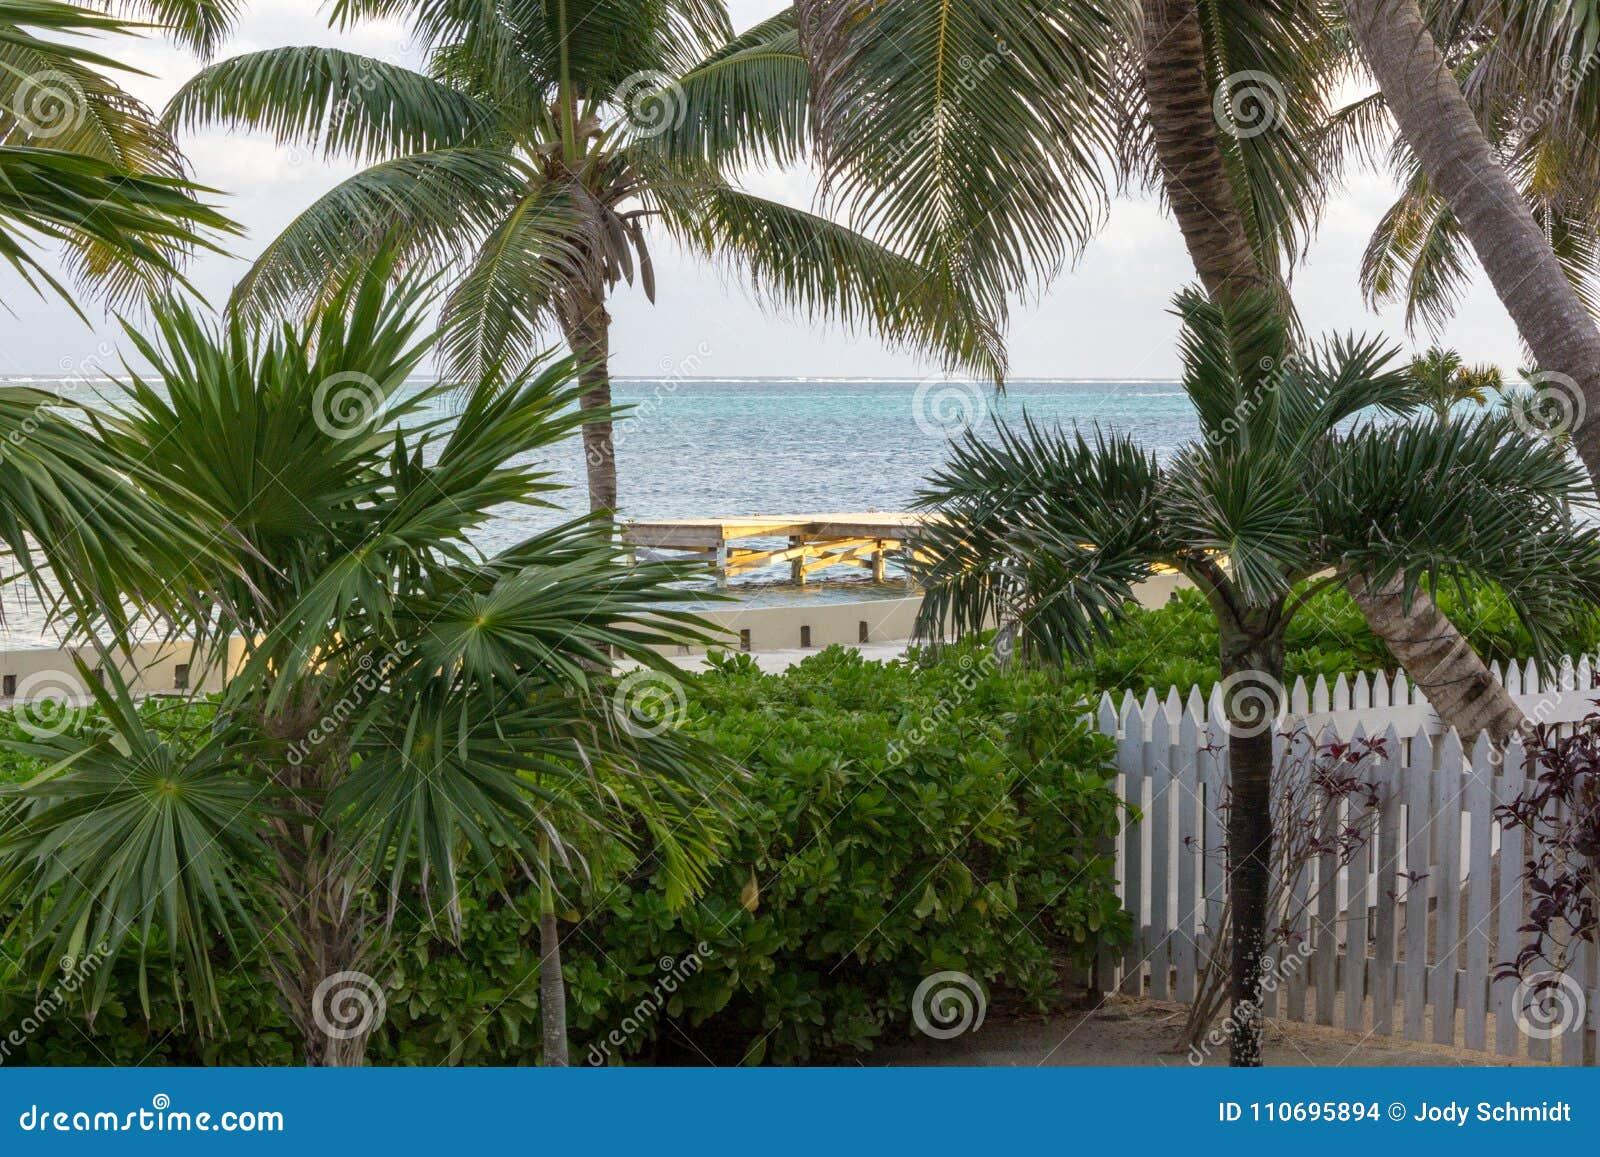 Den sena dagsolen gjuter ett varmt glöd över en skeppsdocka i avståndet till och med palmträden